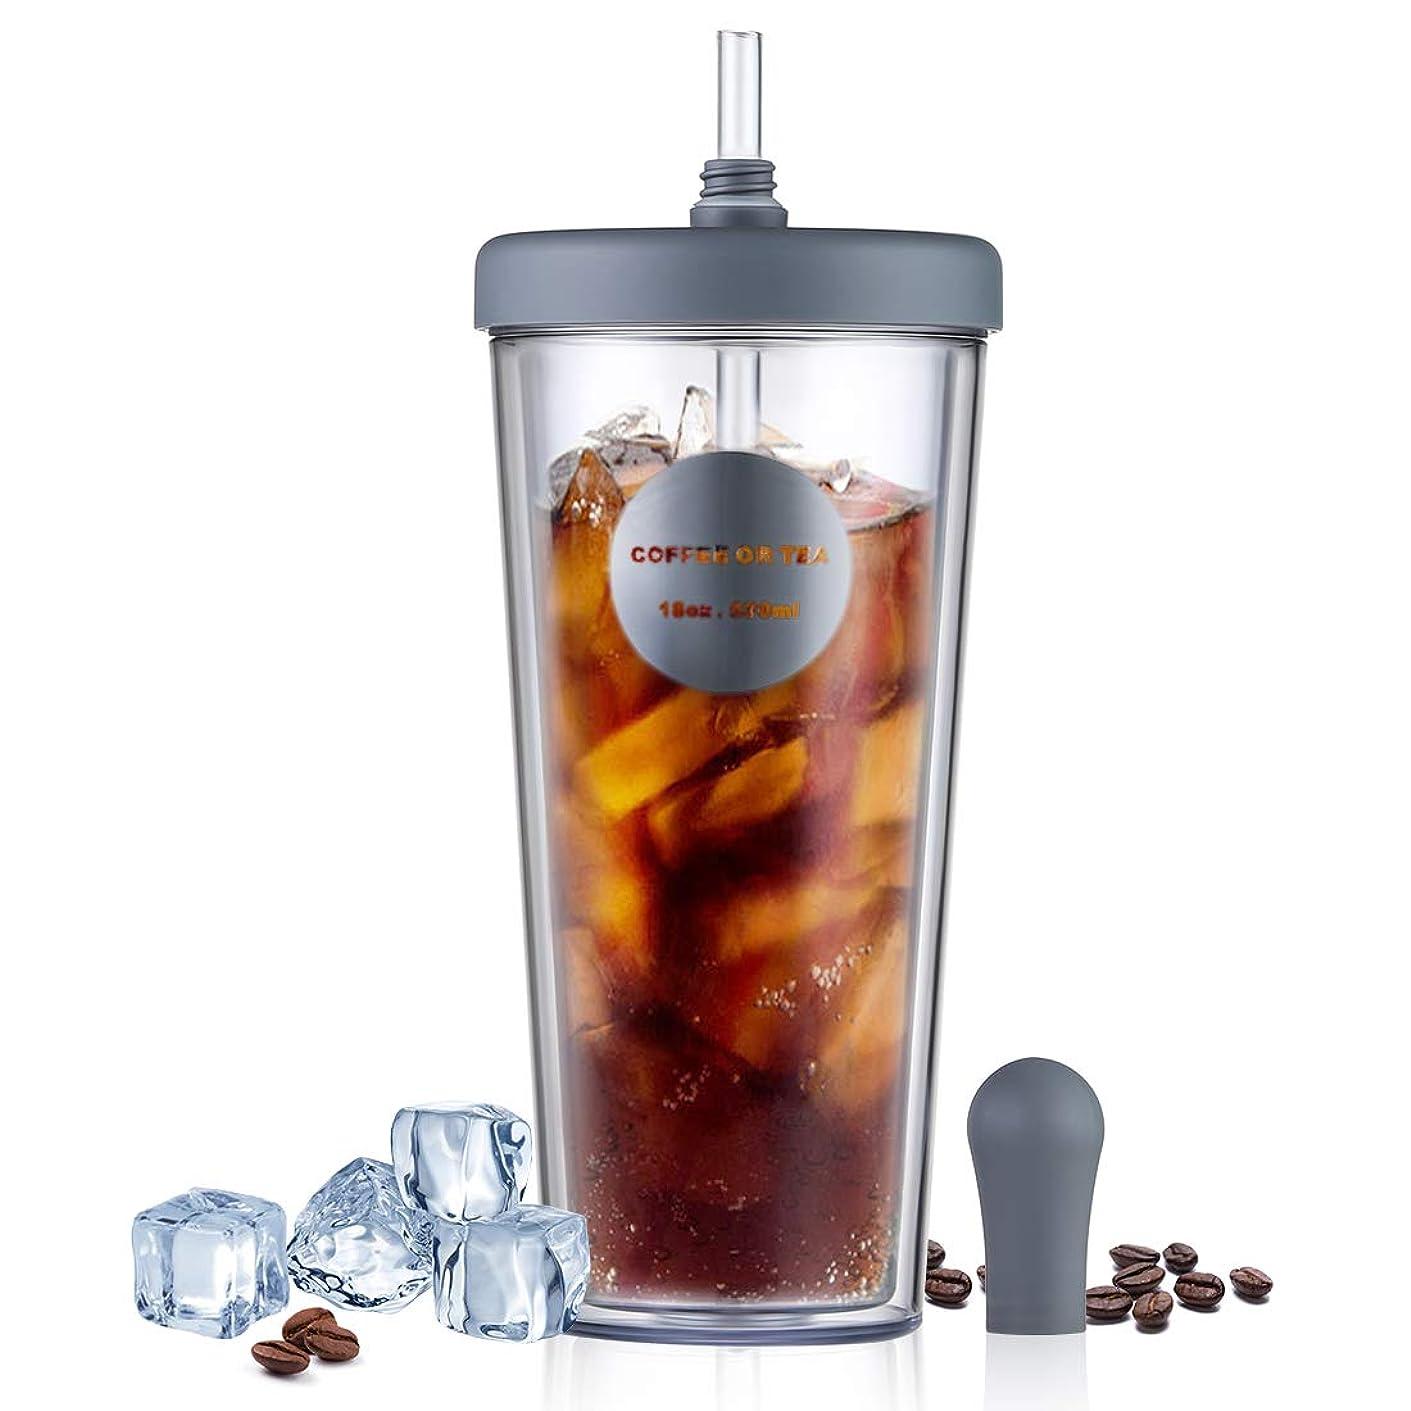 調べる飼料エイズストロータンブラー 2層構造 ストローカバー付き 漏れない 2色 オシャレー コーヒー/ジュース 520ML (グレー)